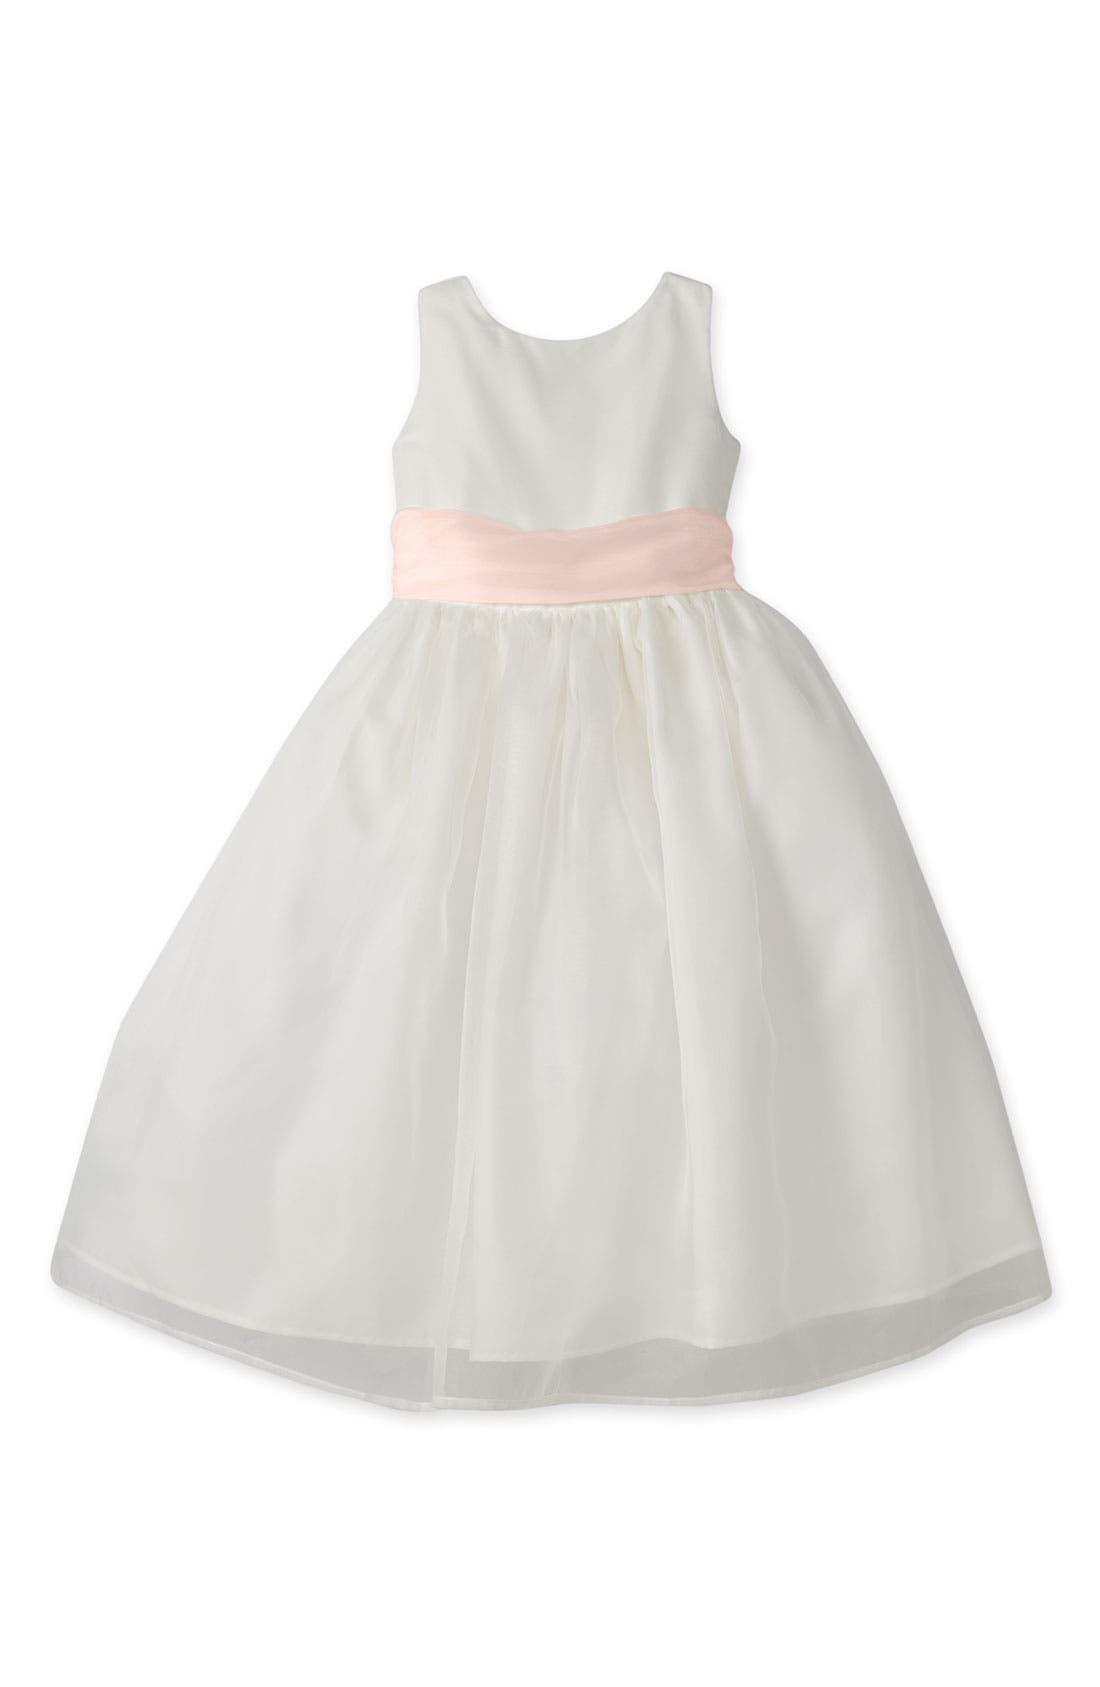 Sleeveless Organza Dress,                         Main,                         color, Blush Pink